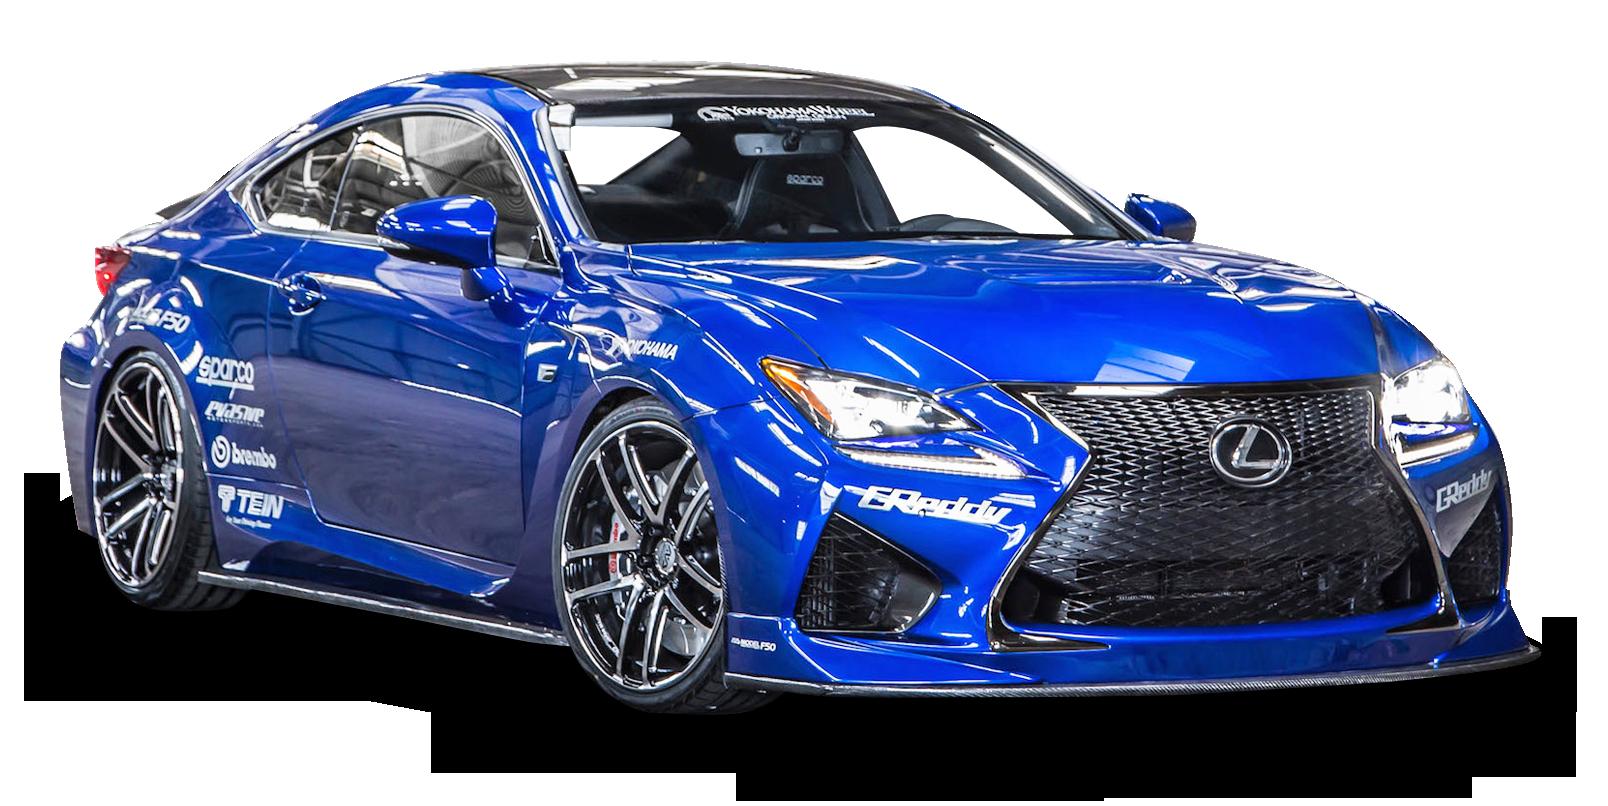 Lexus RC F Blue Car